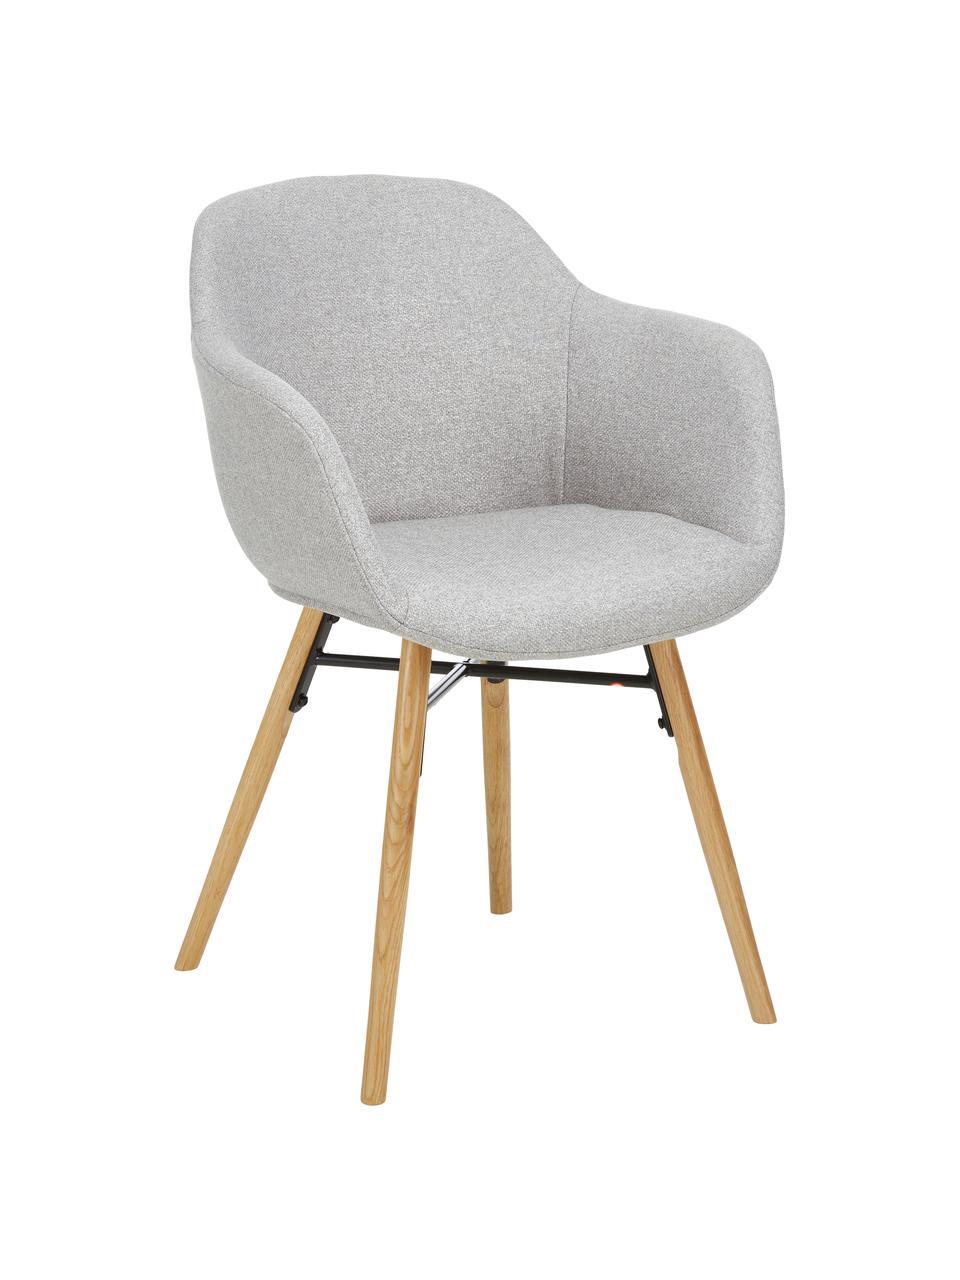 Krzesło z podłokietnikami z drewnianymi nogami Fiji, Tapicerka: poliester Dzięki tkaninie, Nogi: lite drewno dębowe, Jasny szary, S 59 x G 55 cm